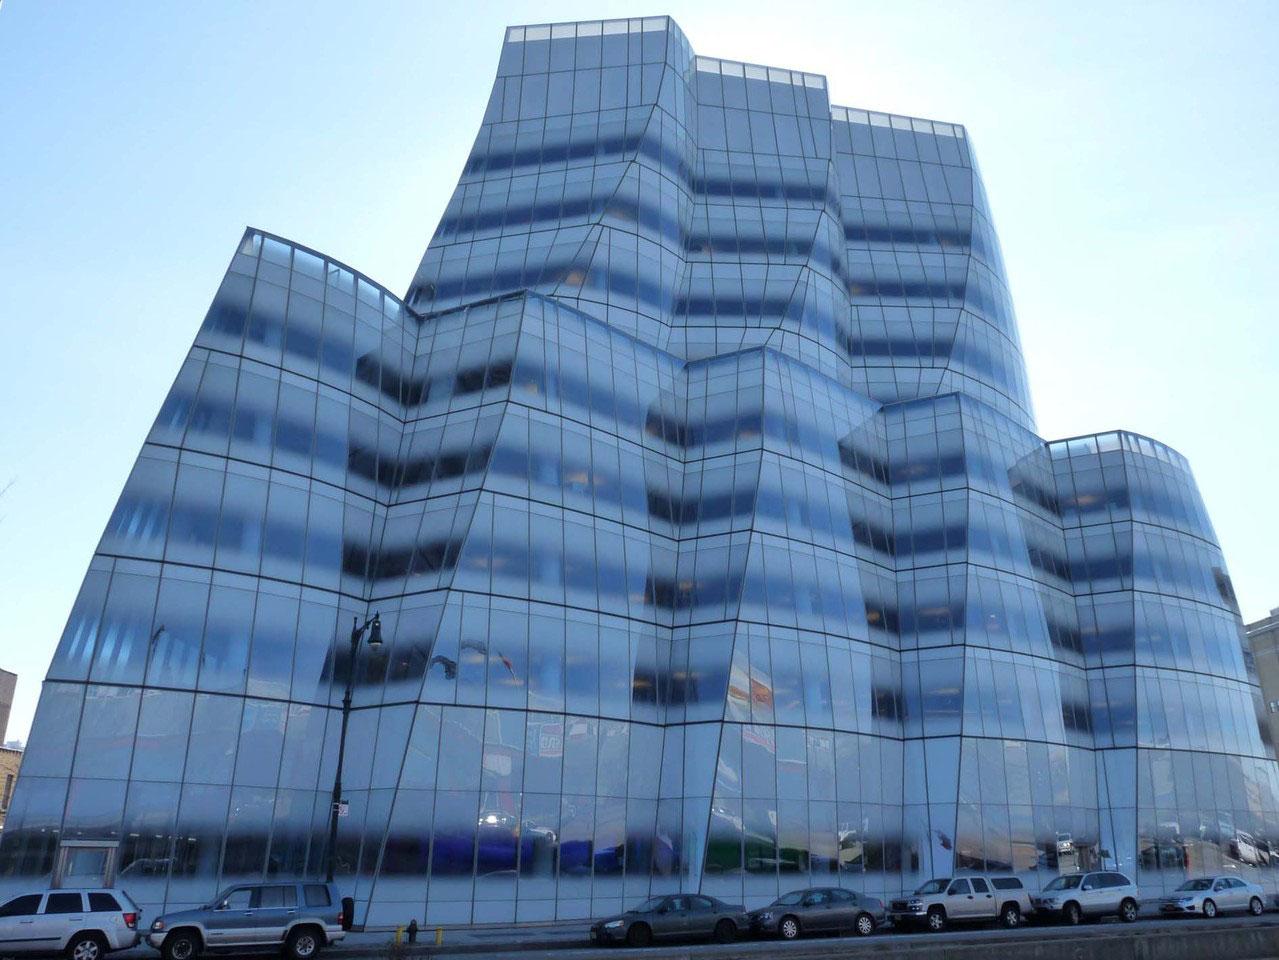 IAC本社ビル / IAC Building